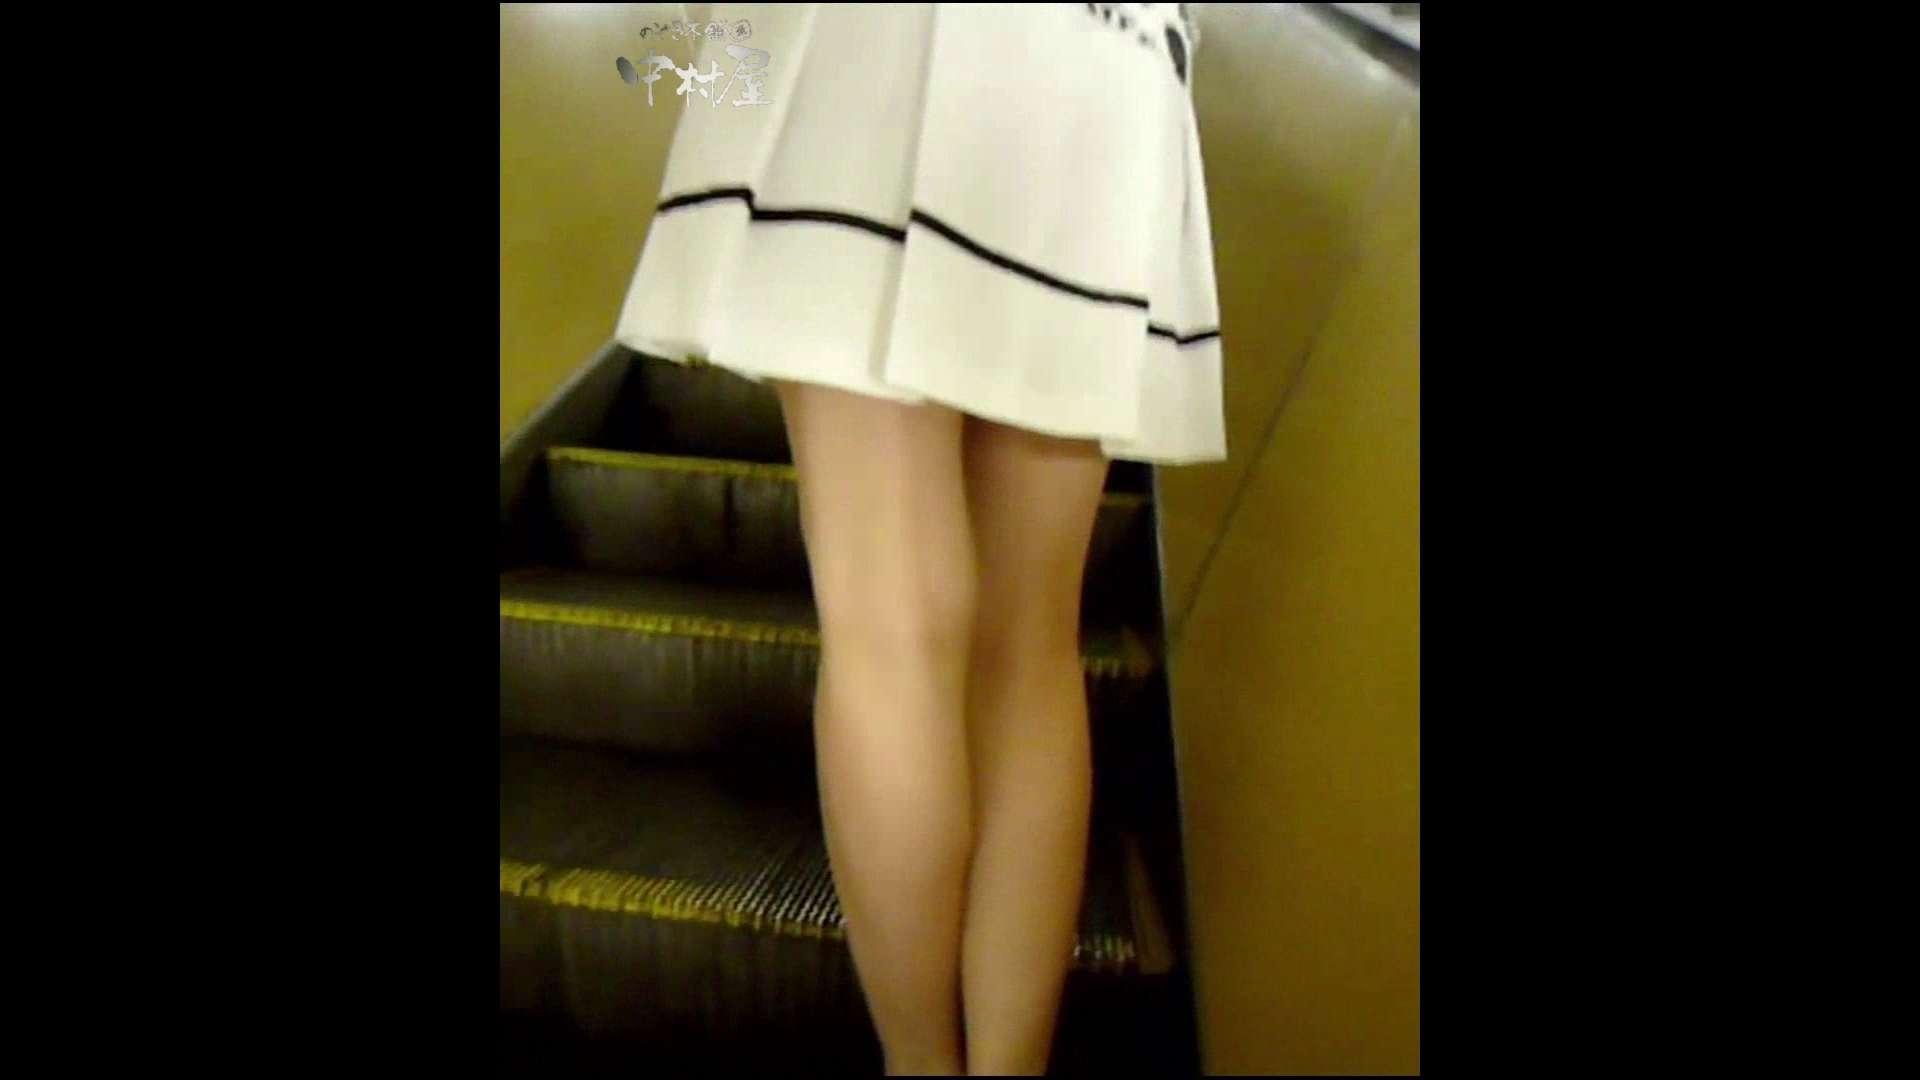 綺麗なモデルさんのスカート捲っちゃおう‼ vol28 お姉さんのエロ動画 | 0  111PIX 21